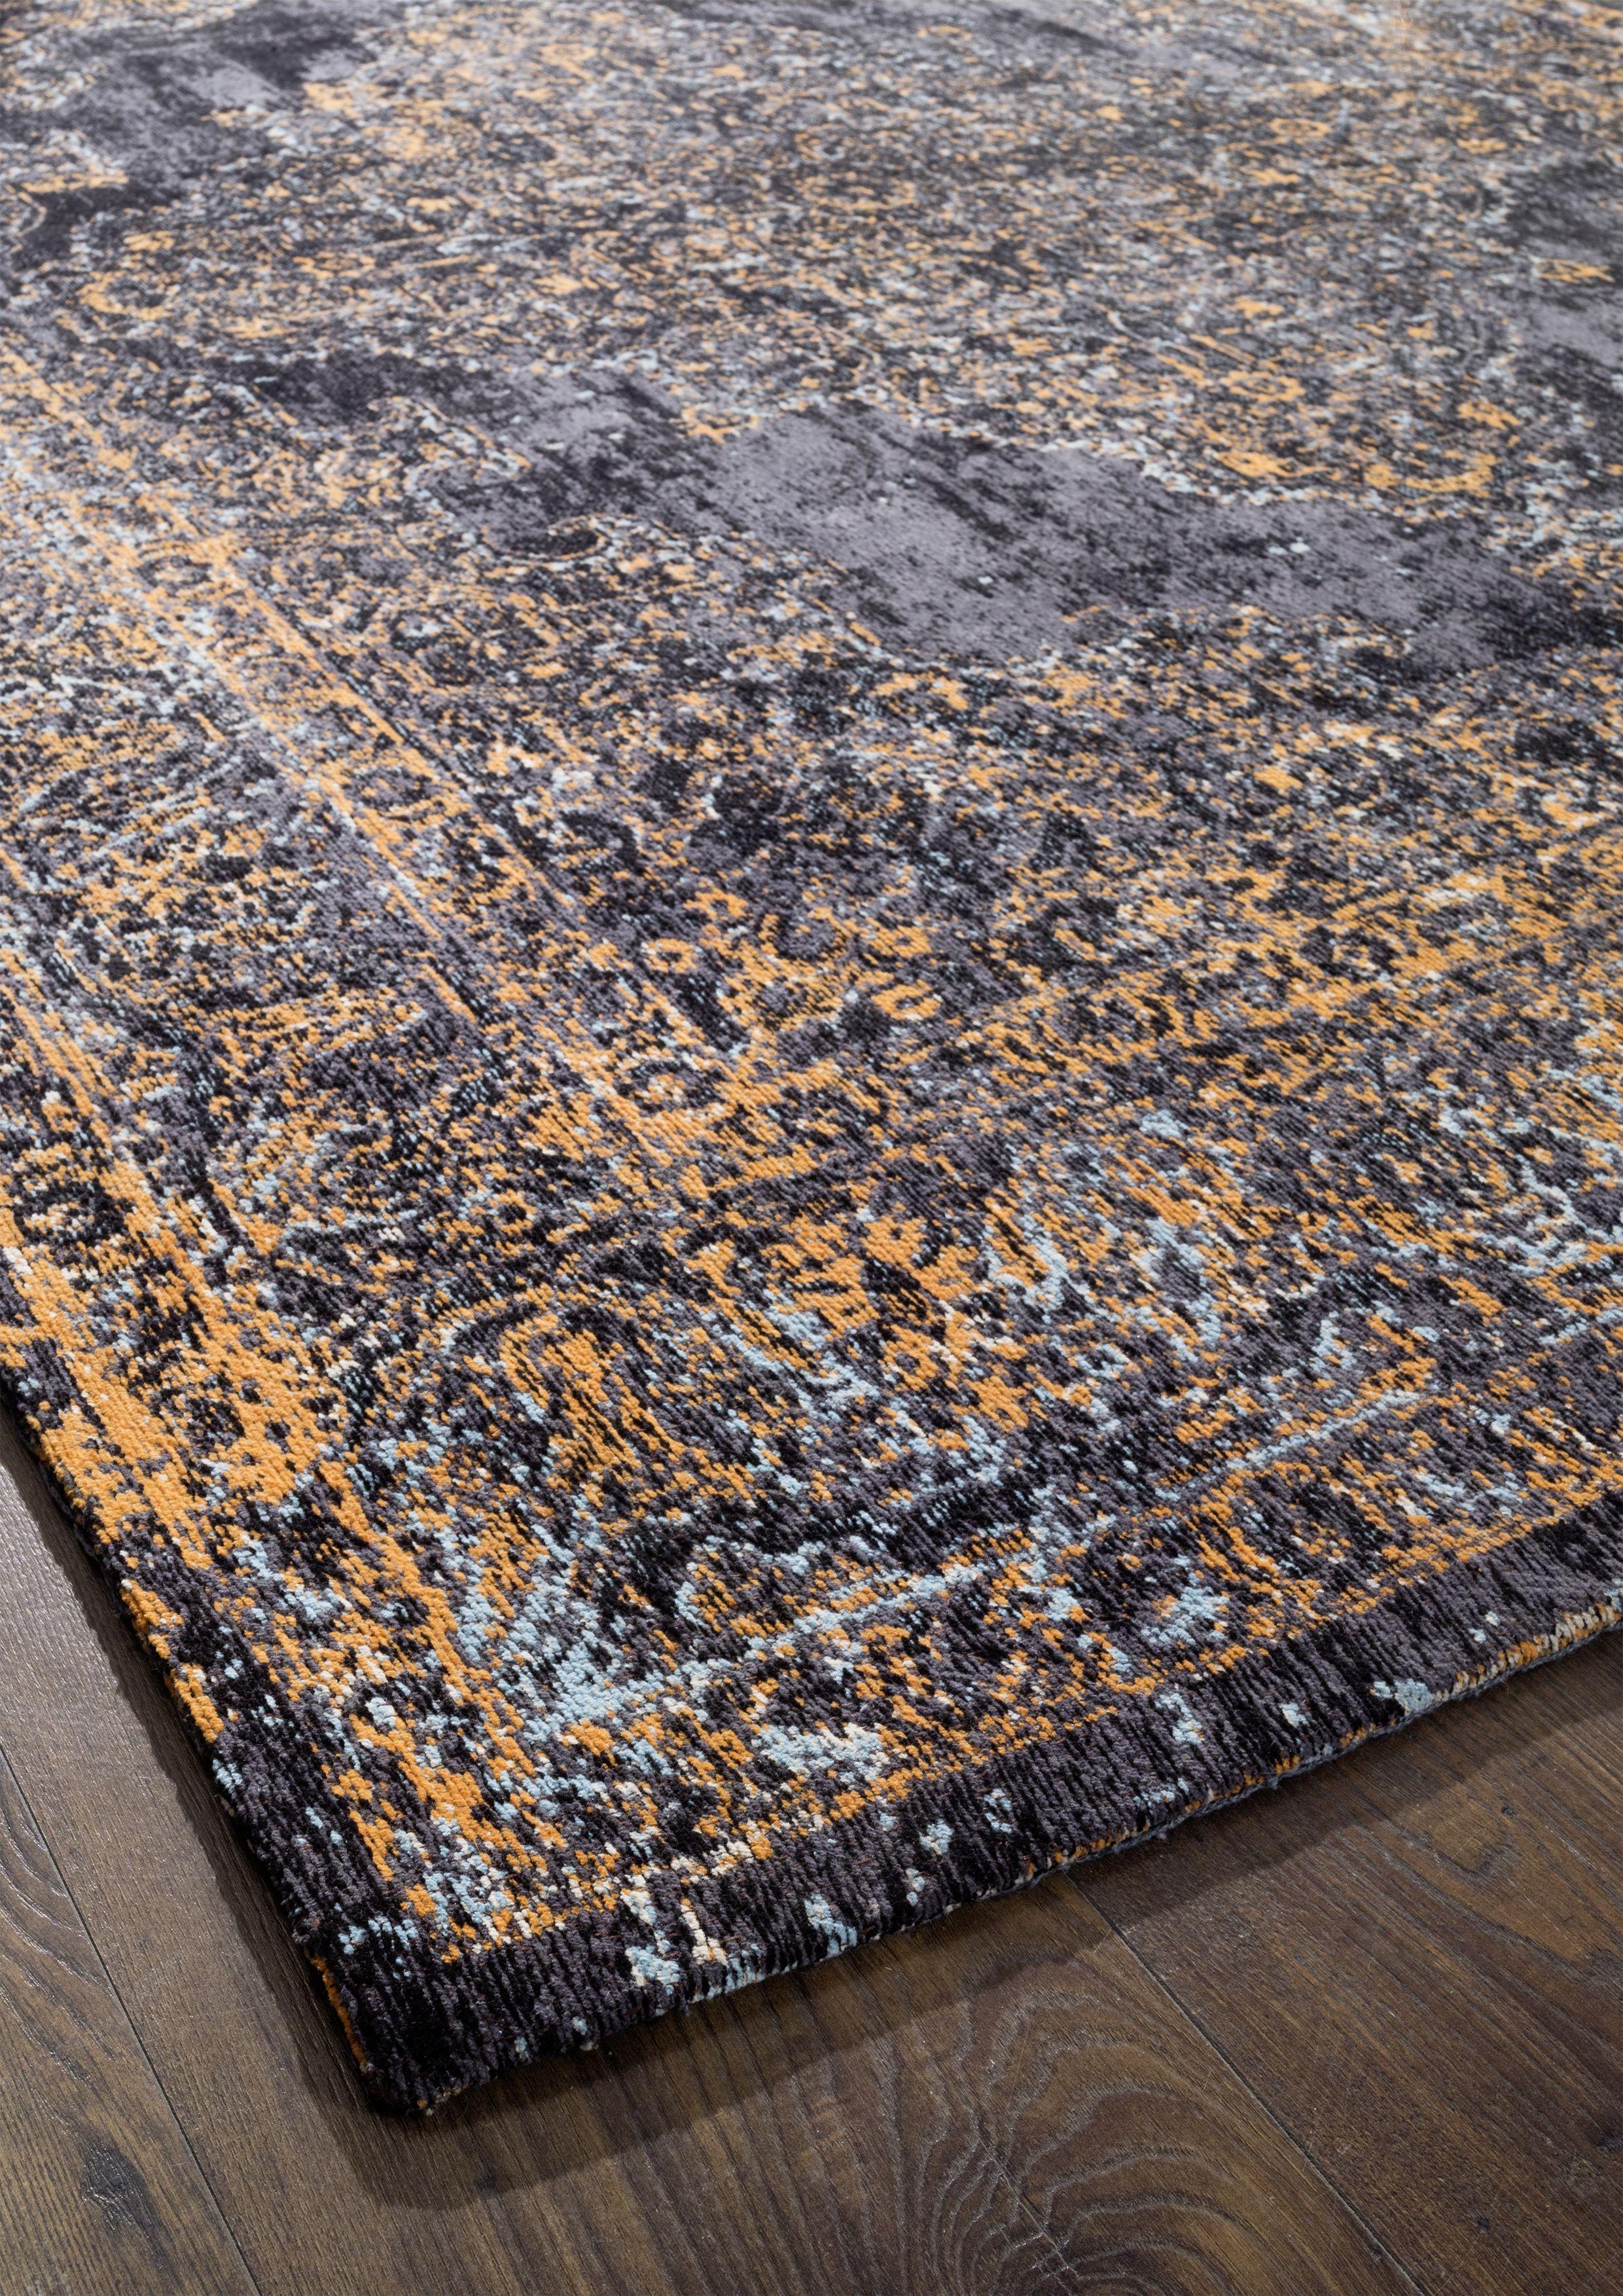 teppich carpet rug wohnzimmer livingroom livingroomideas wohnzimmerideen ideas homeinterior interiordesign homedecor decor einrichtung